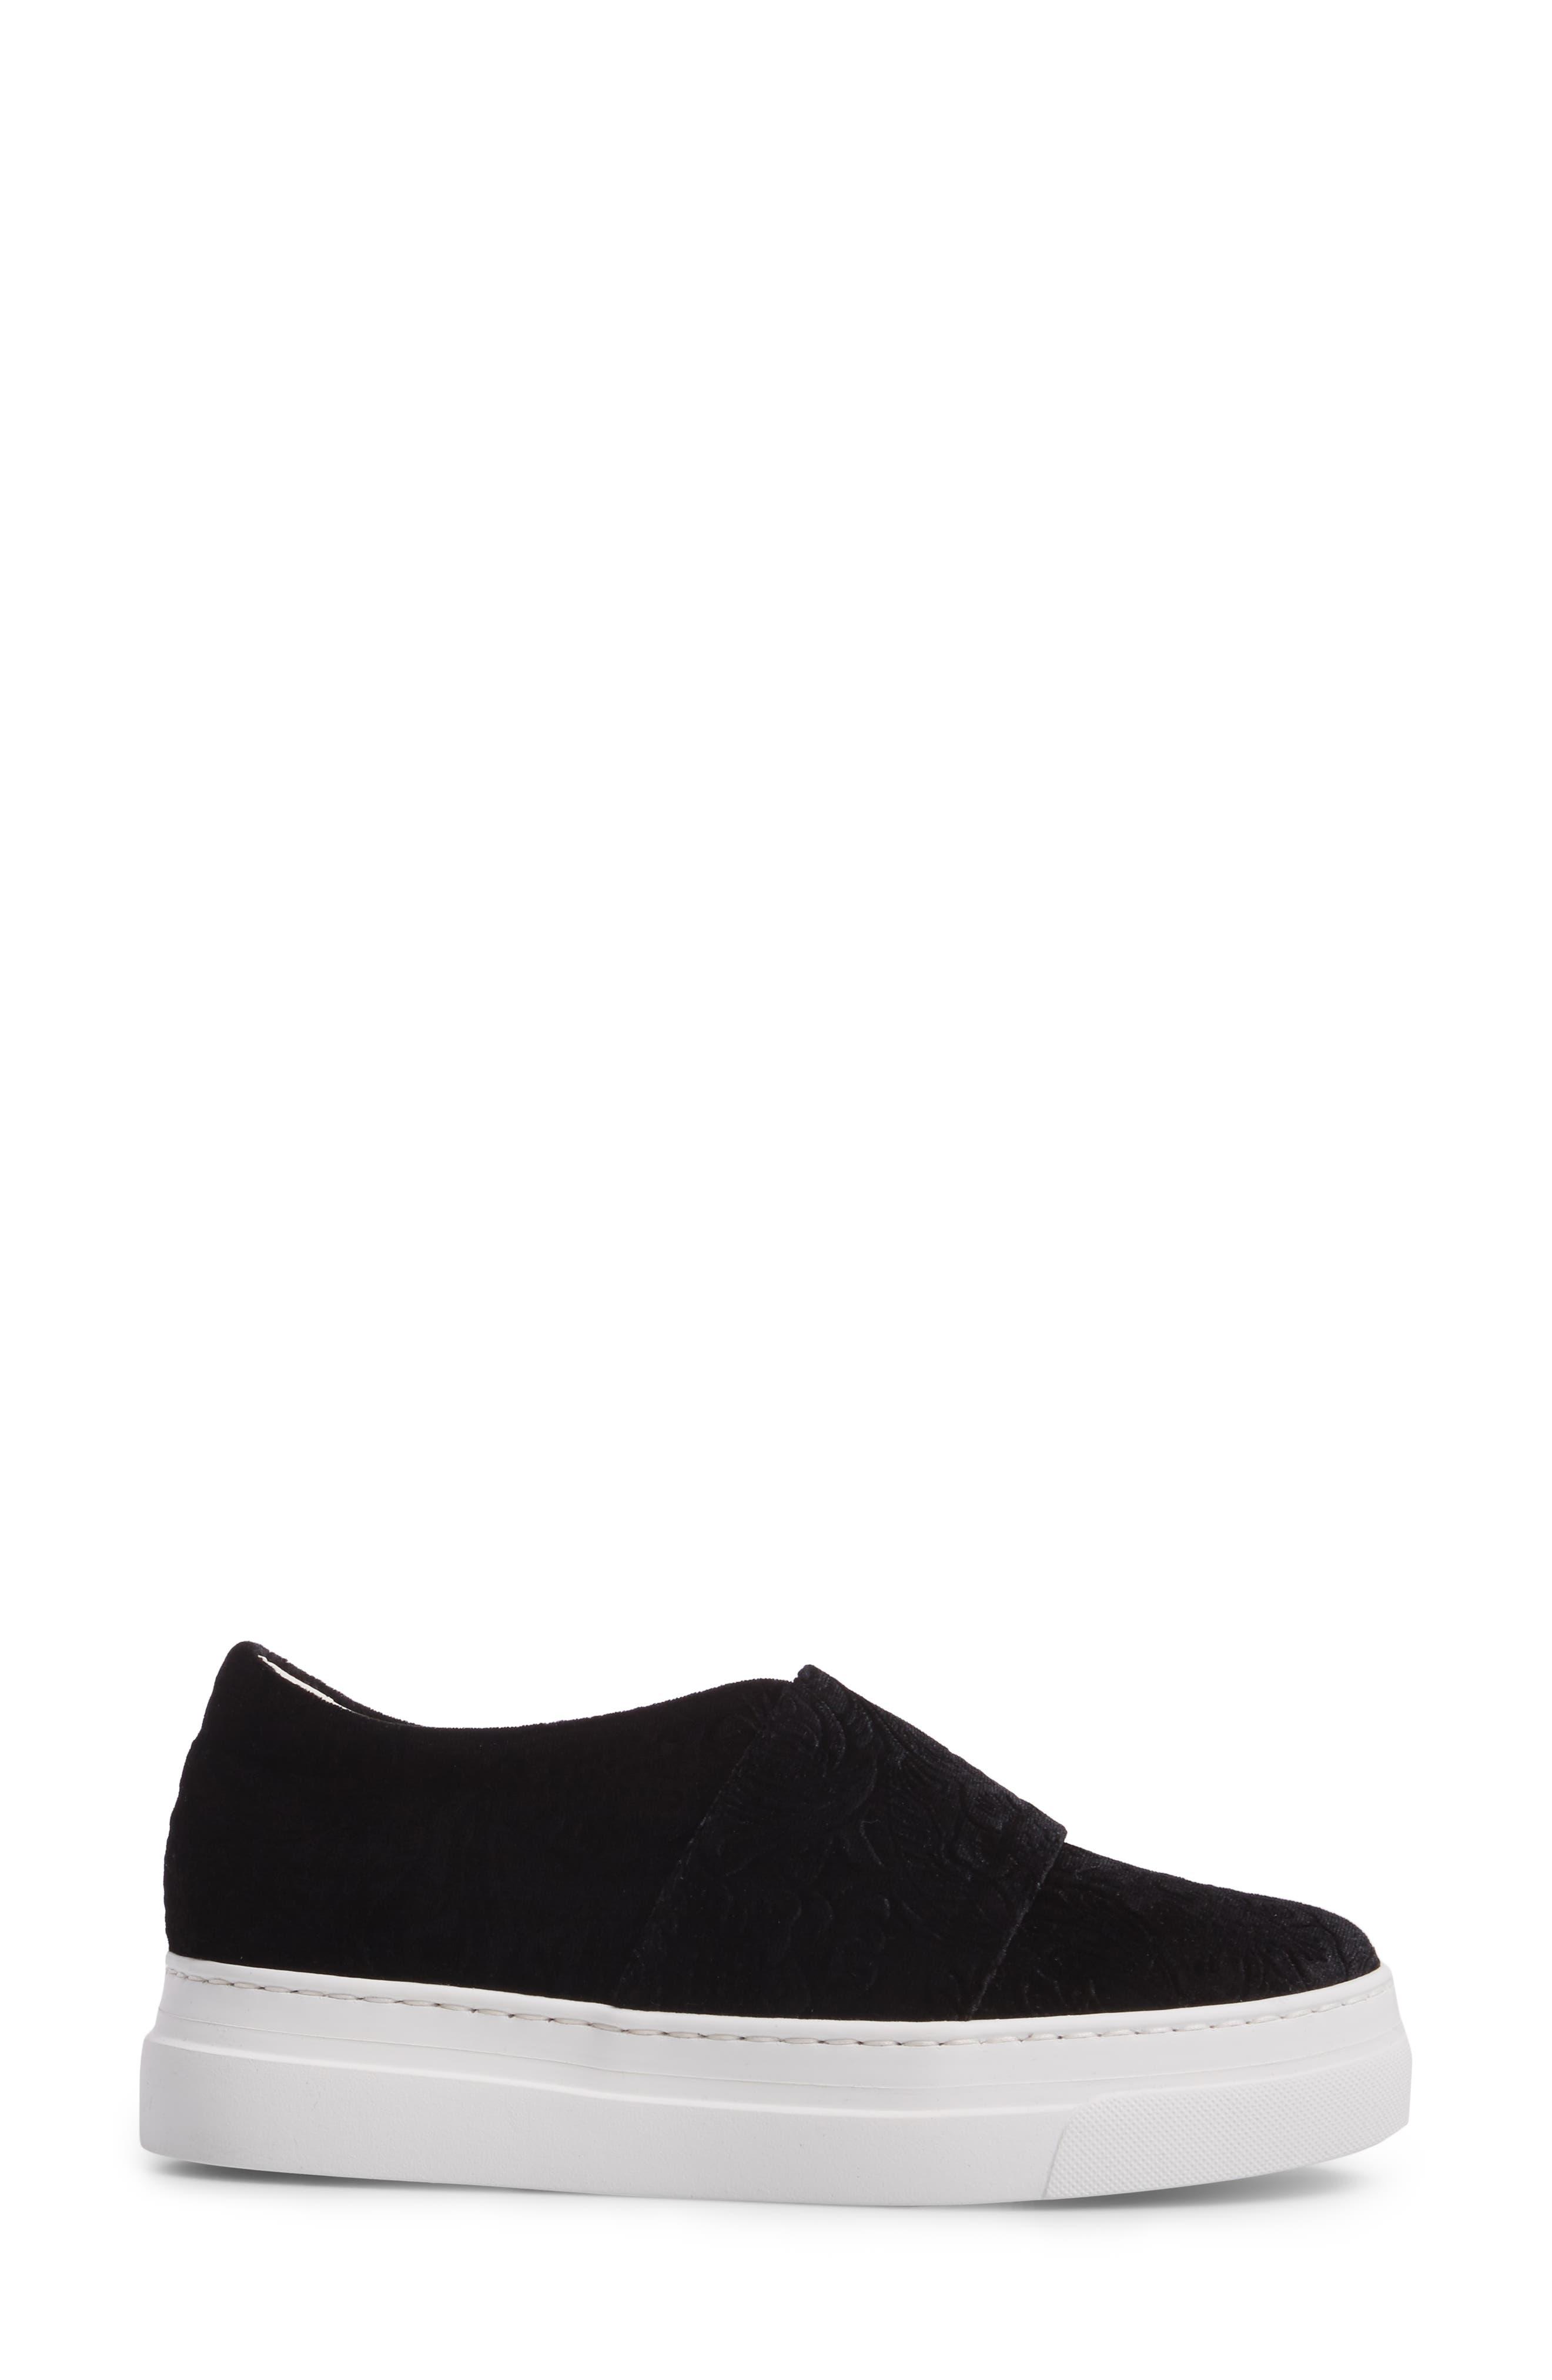 Arlo Slip-On Platform Sneaker,                             Alternate thumbnail 3, color,                             Black Embossed Velvet